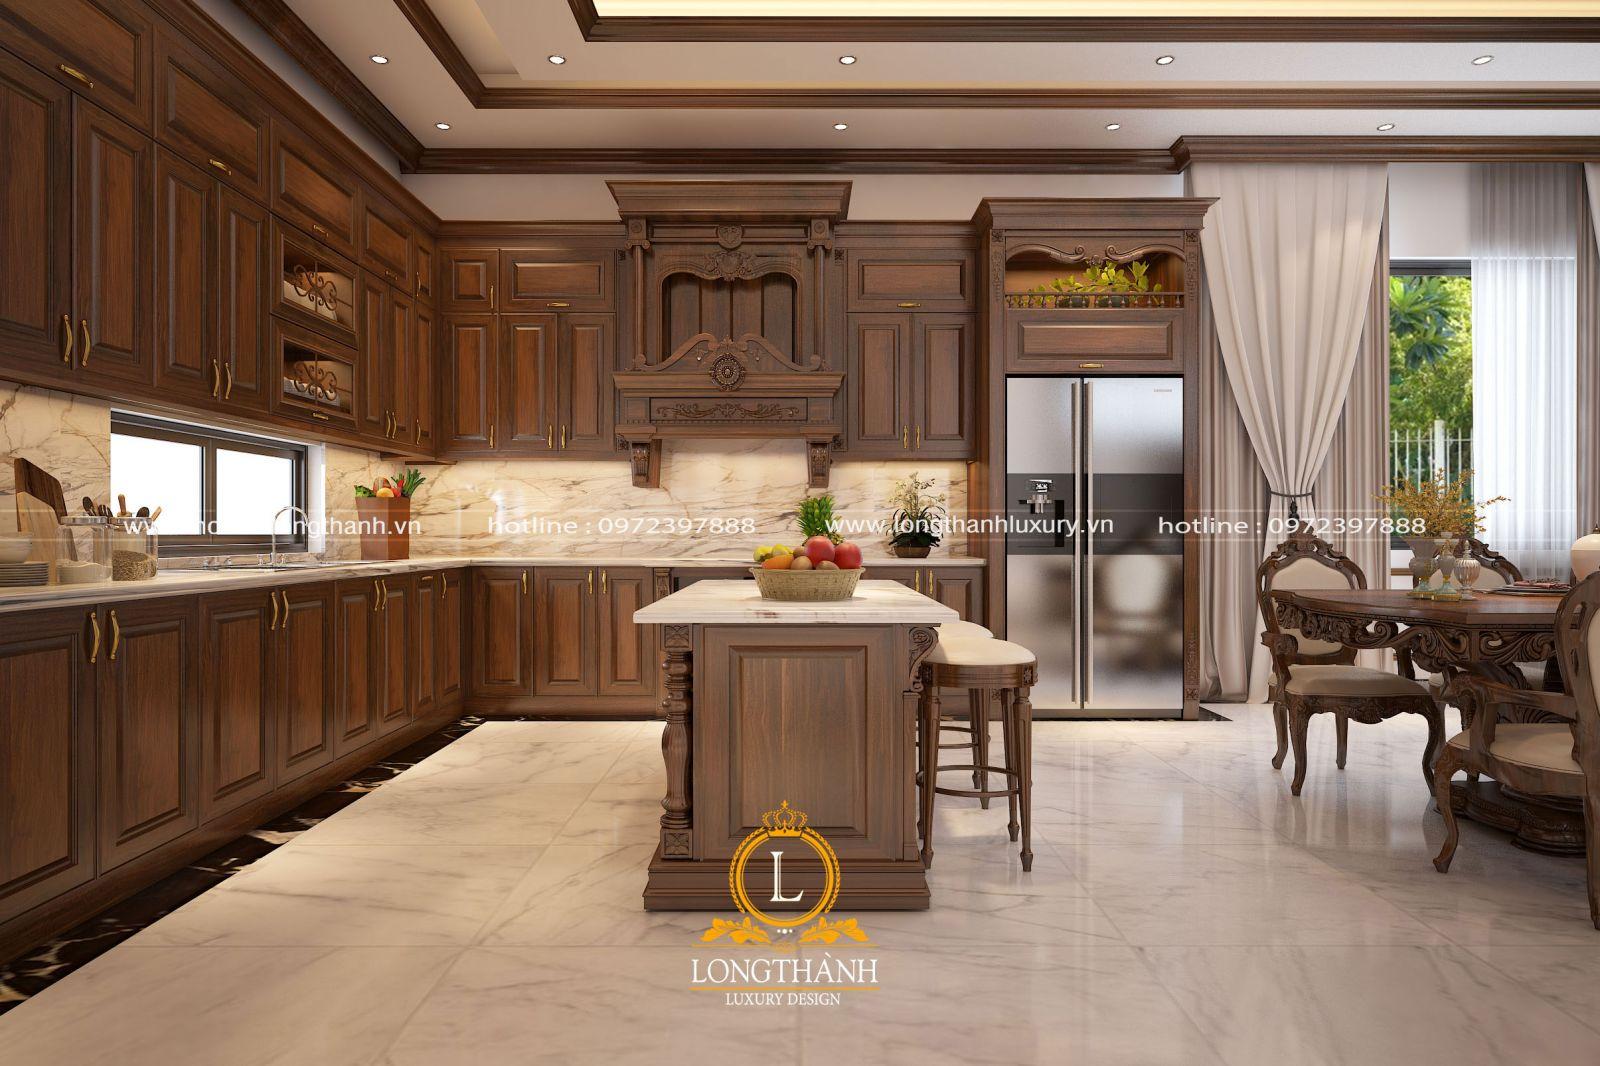 Bộ tủ bếp tân cổ điển đẹp được thiết kế và bố trí cân đối hài hòa cùng không gian